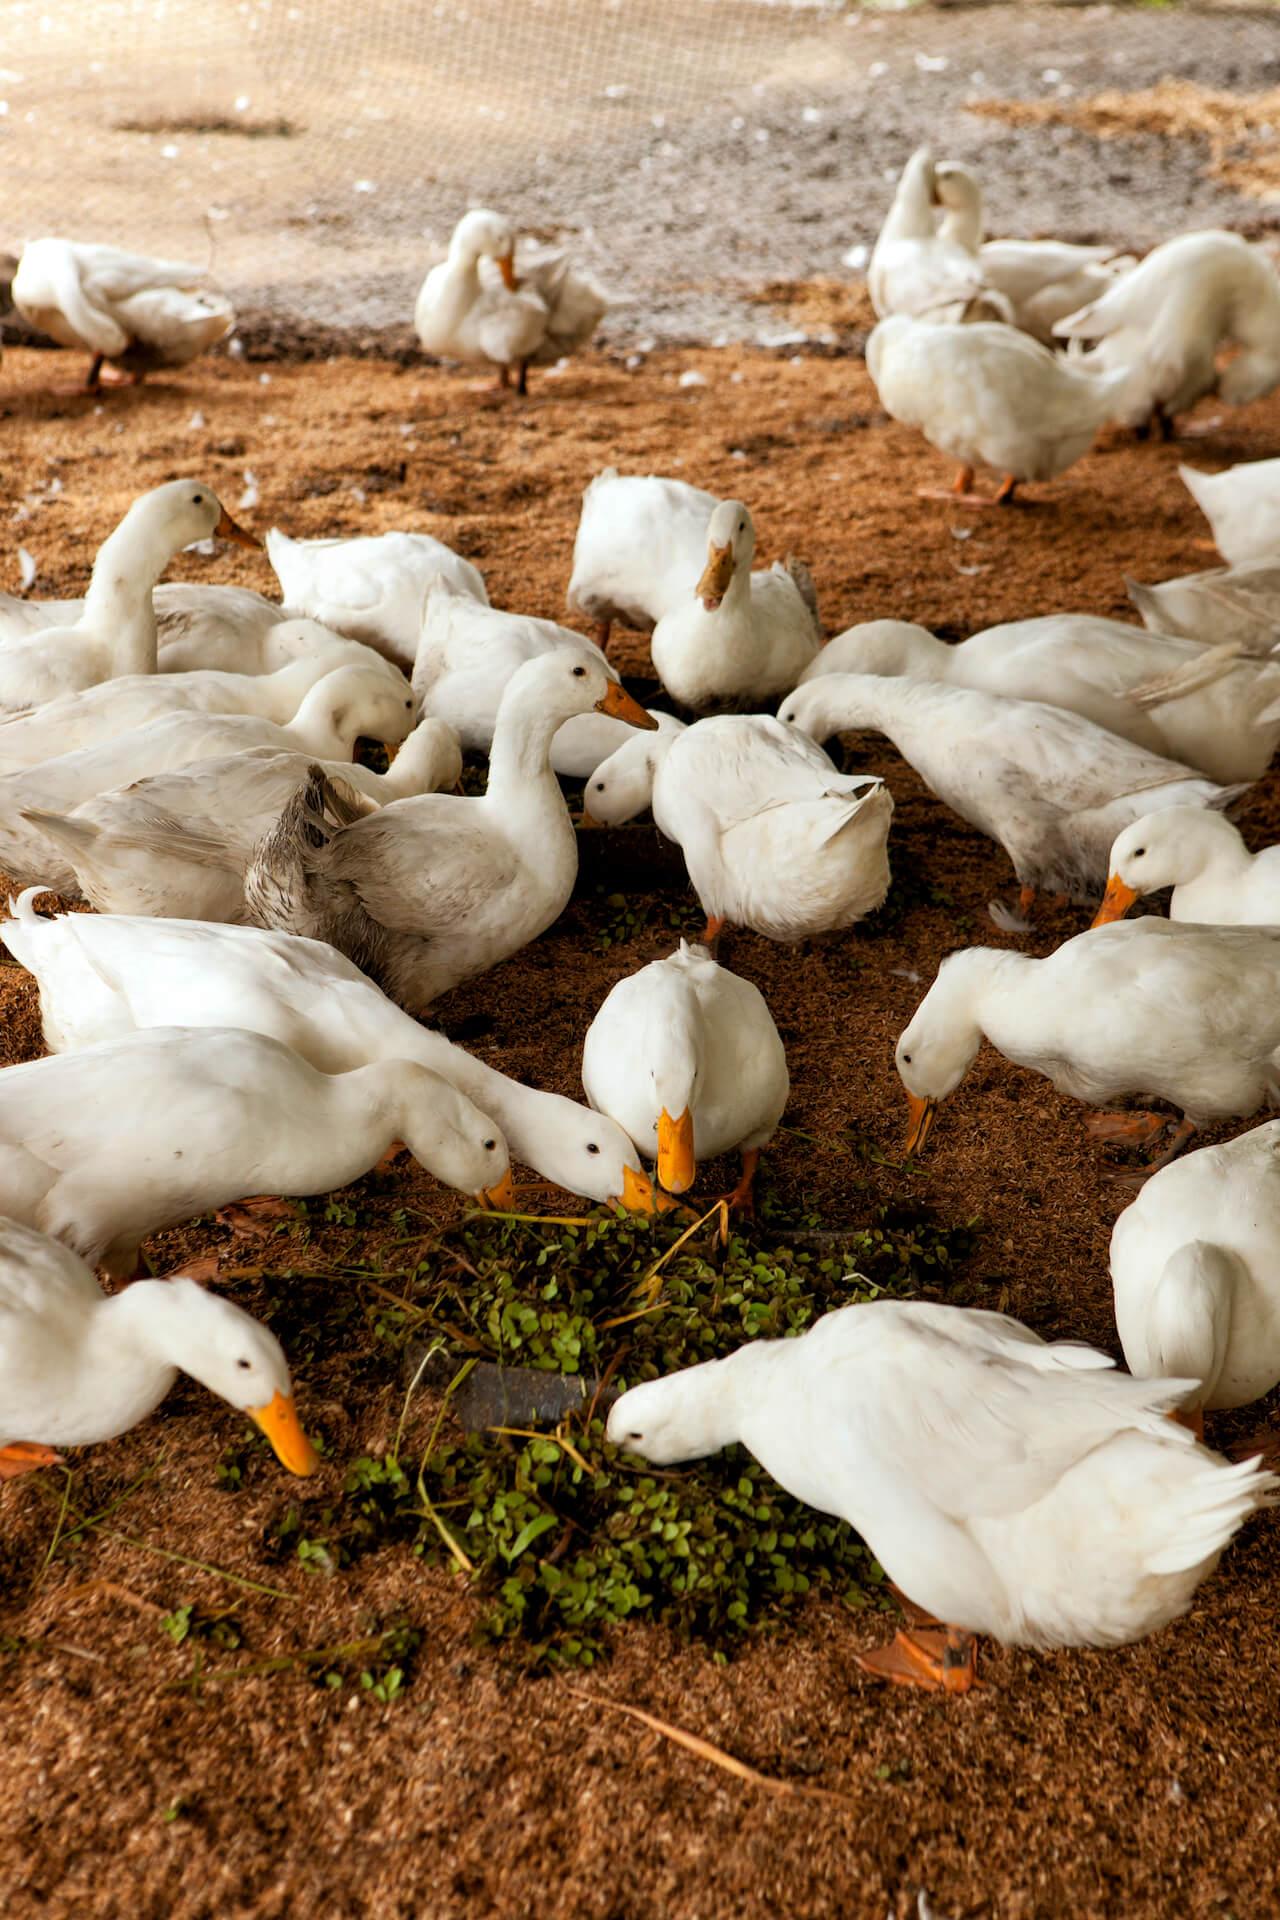 A raft of ducks feeding